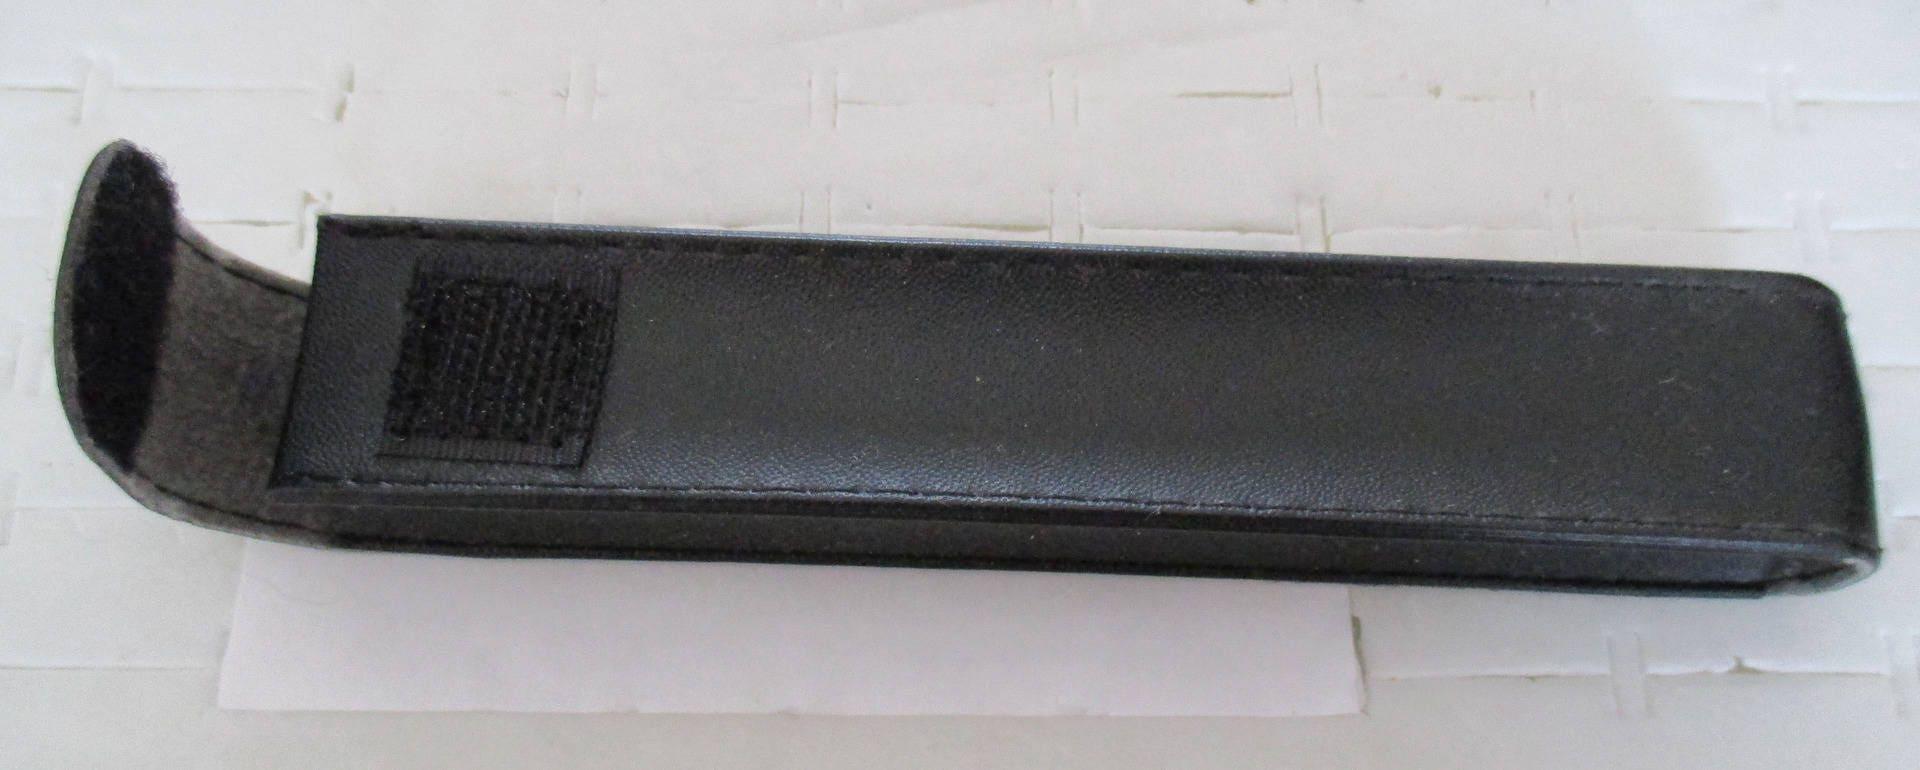 pochette noire simili cuir pour stylo etsy. Black Bedroom Furniture Sets. Home Design Ideas